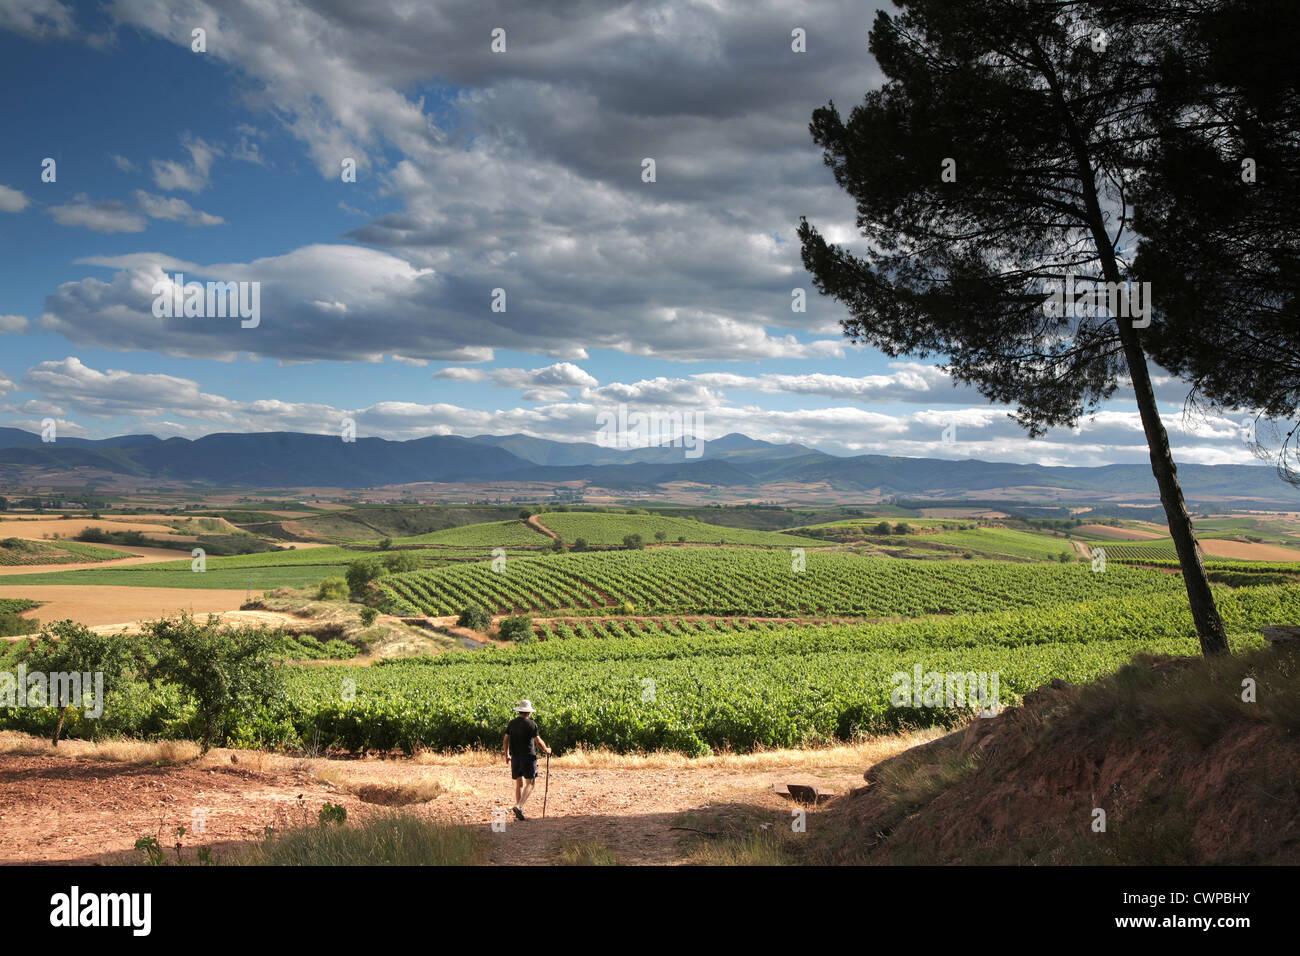 Alesanco landscape,  Camino de Santiago, Rioja wine region, Spain, - Stock Image